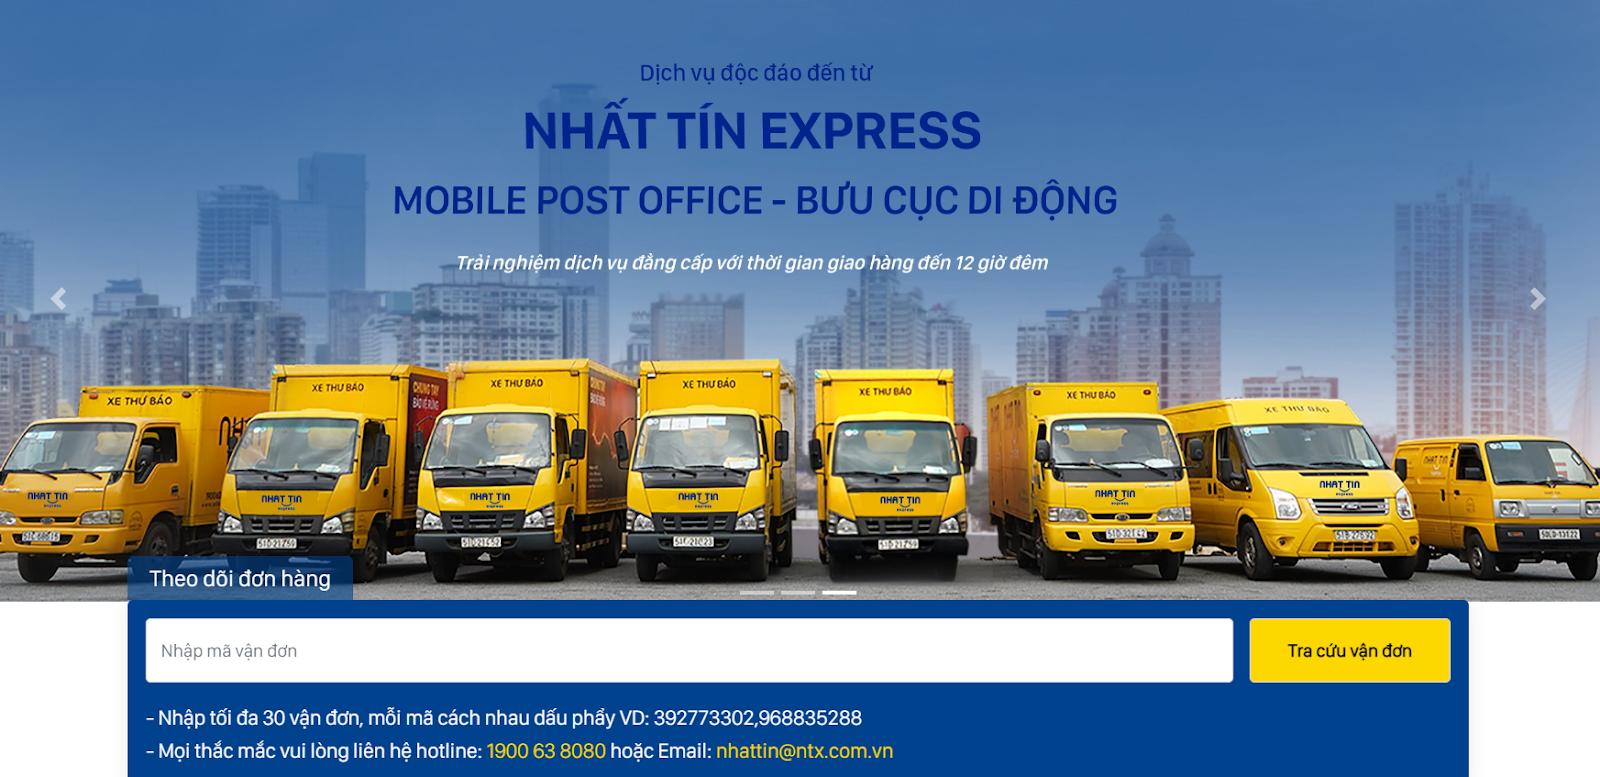 truy cập trang chủ NTX để tra cứu chuyển phát nhanh vận đơn